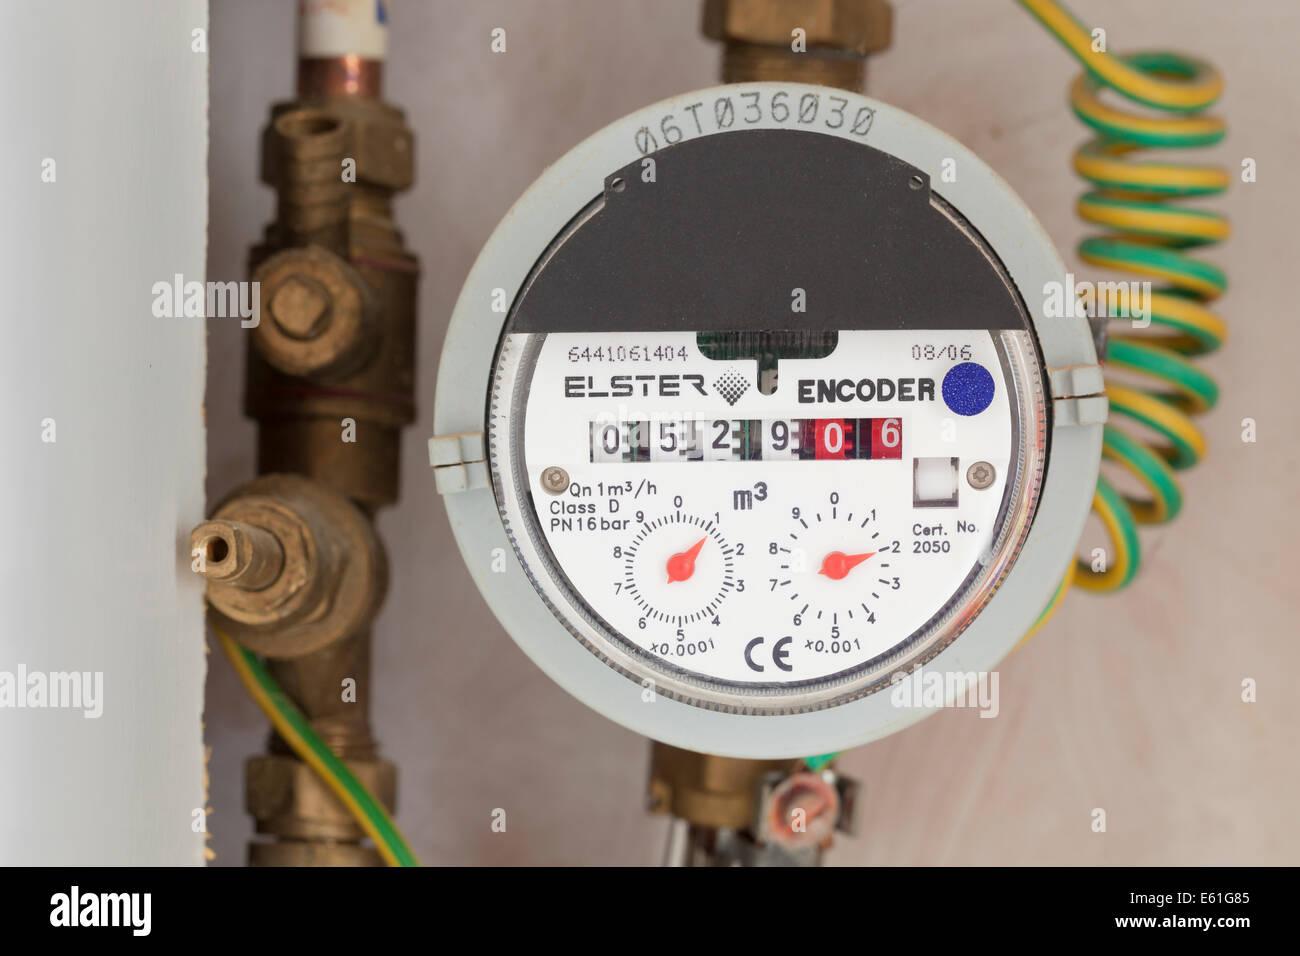 Domestic UK water meter - Stock Image